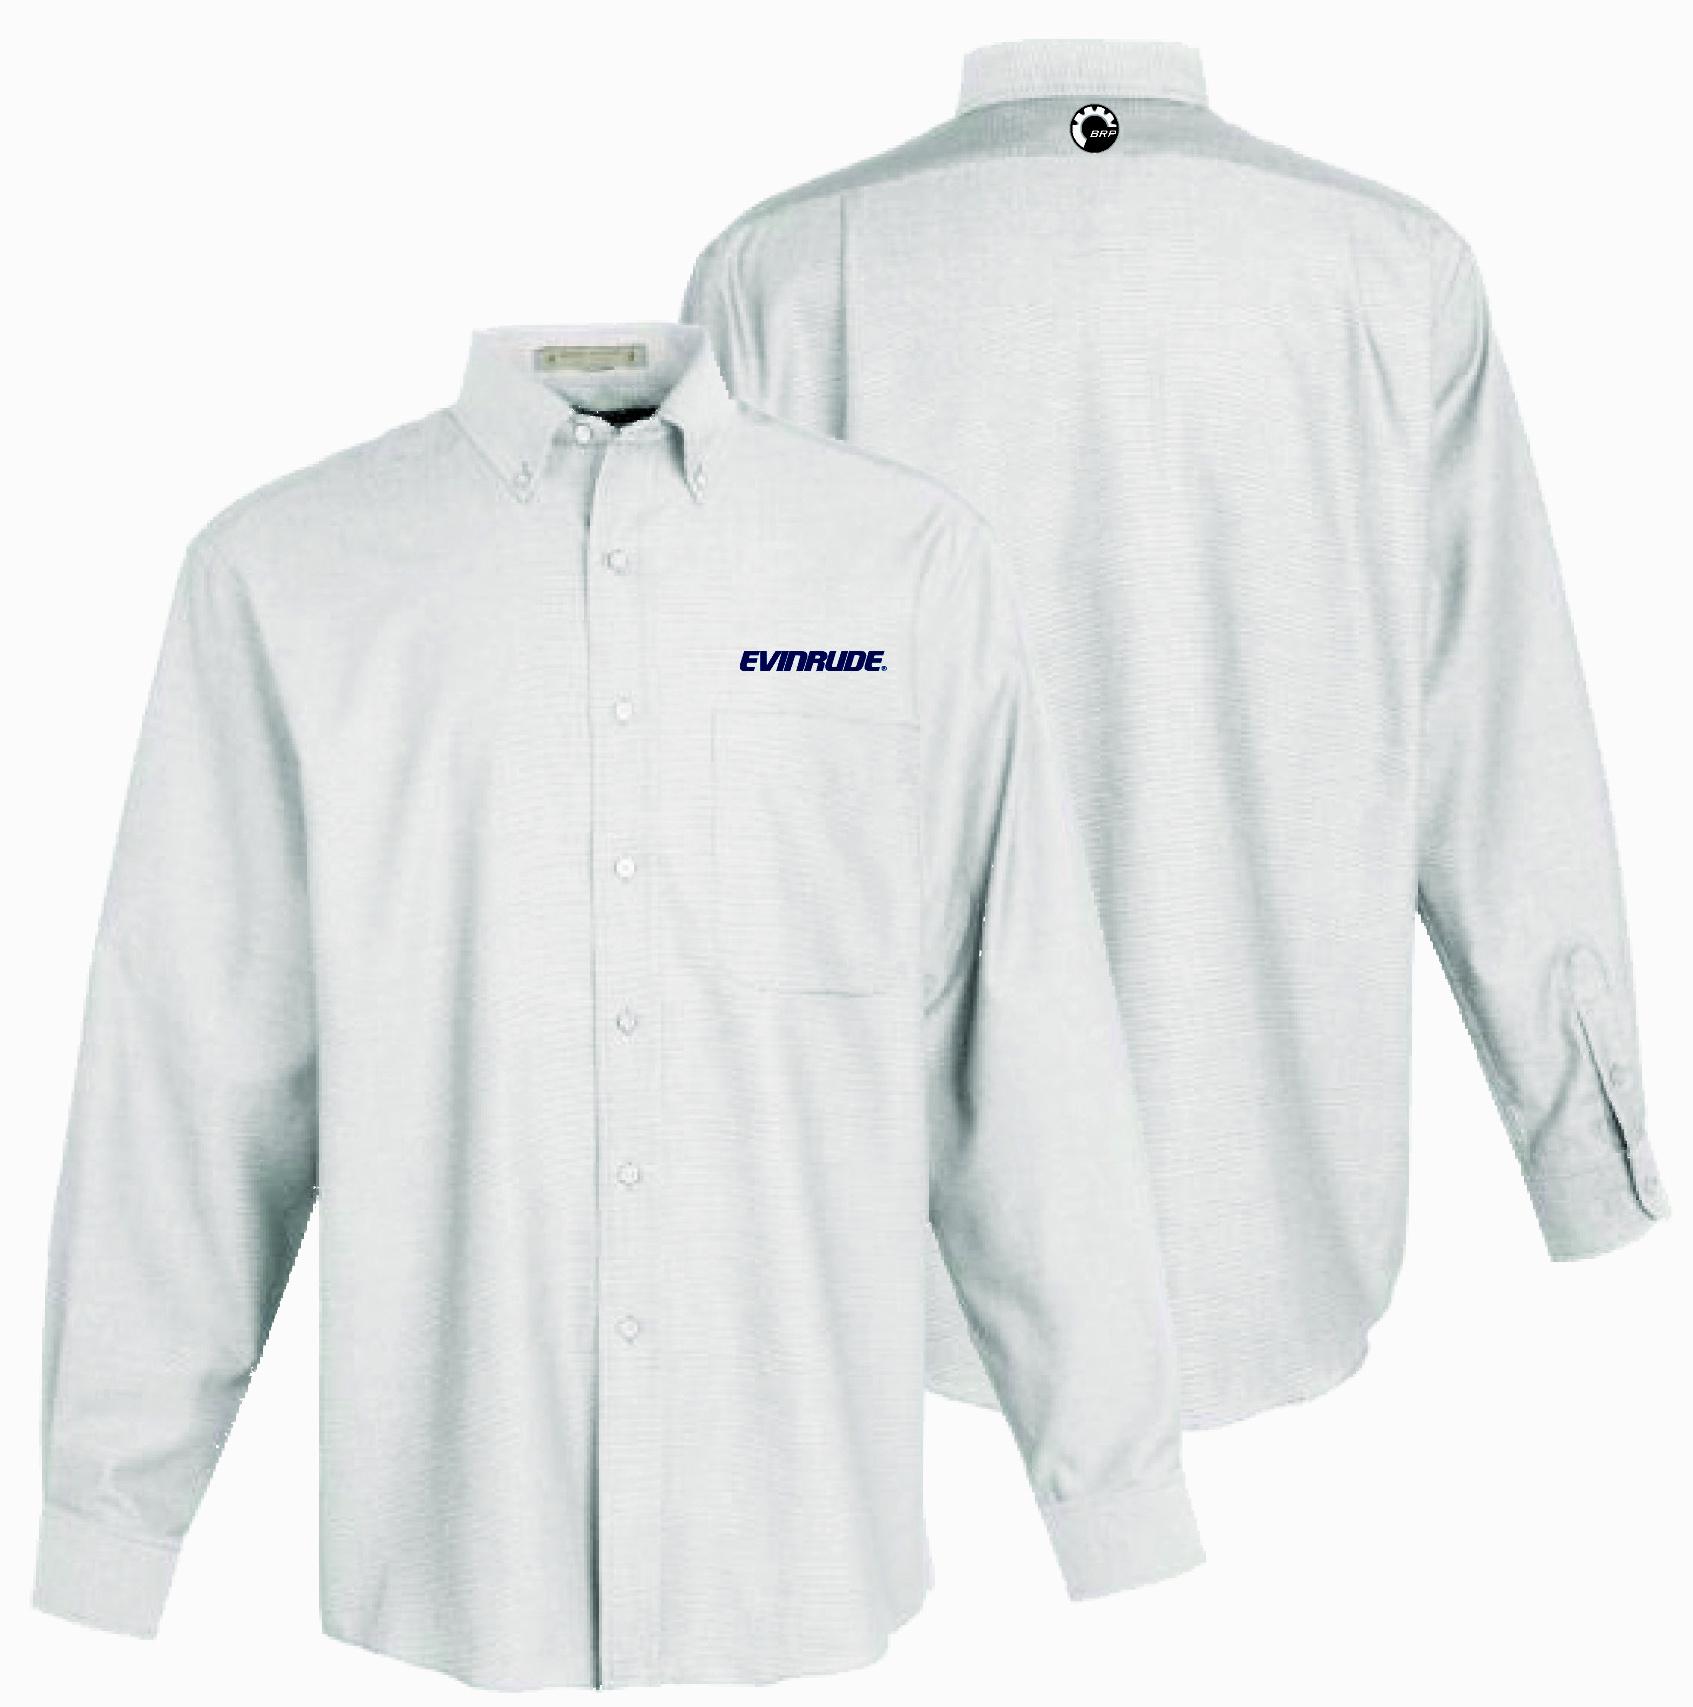 Evinrude men 39 s white oxford shirt shirts for White oxford shirt mens